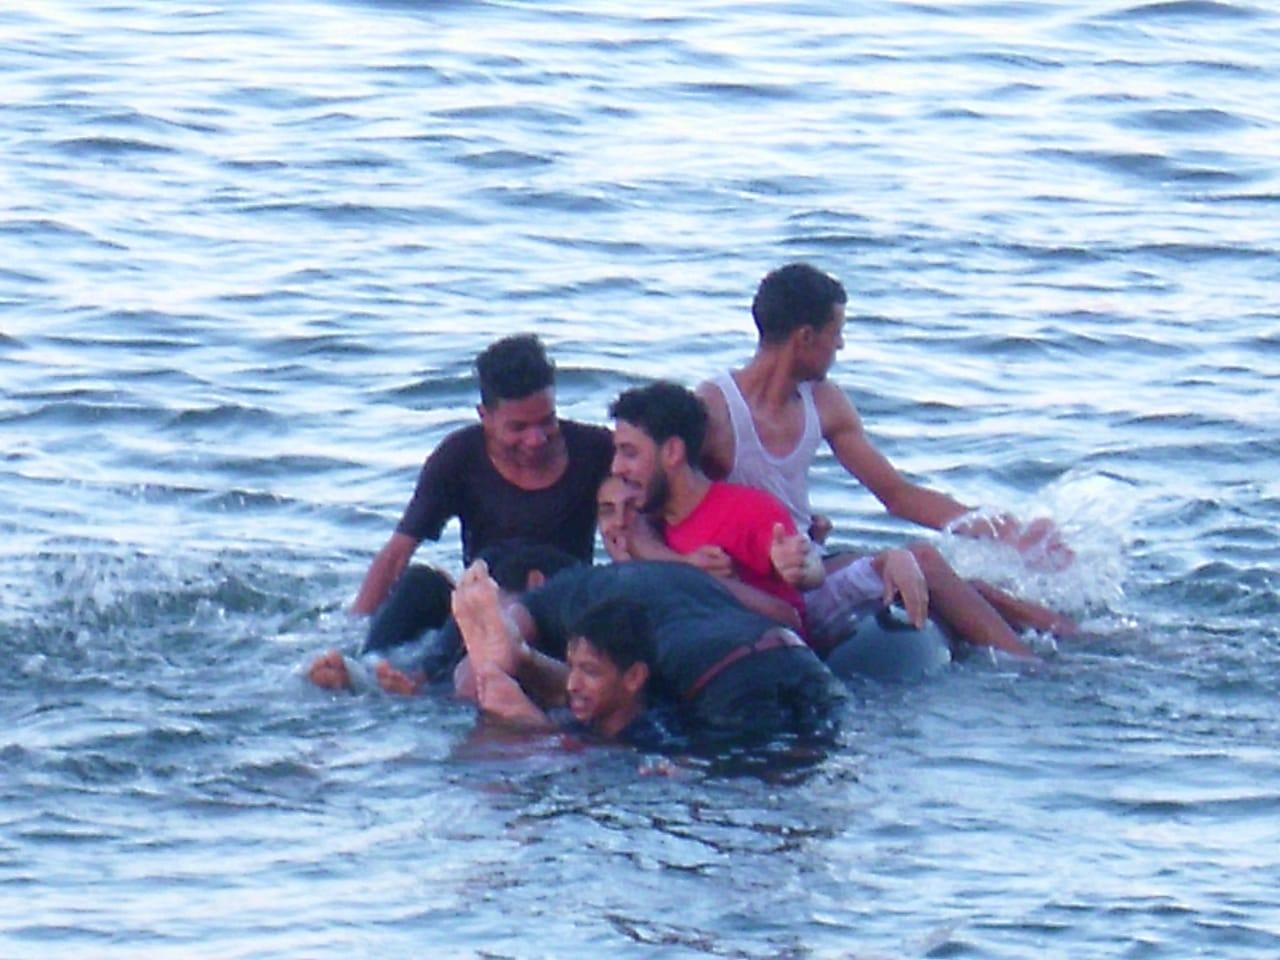 الإحتفال بالعيد في نهر النيل رغم التحذيرات .. صور